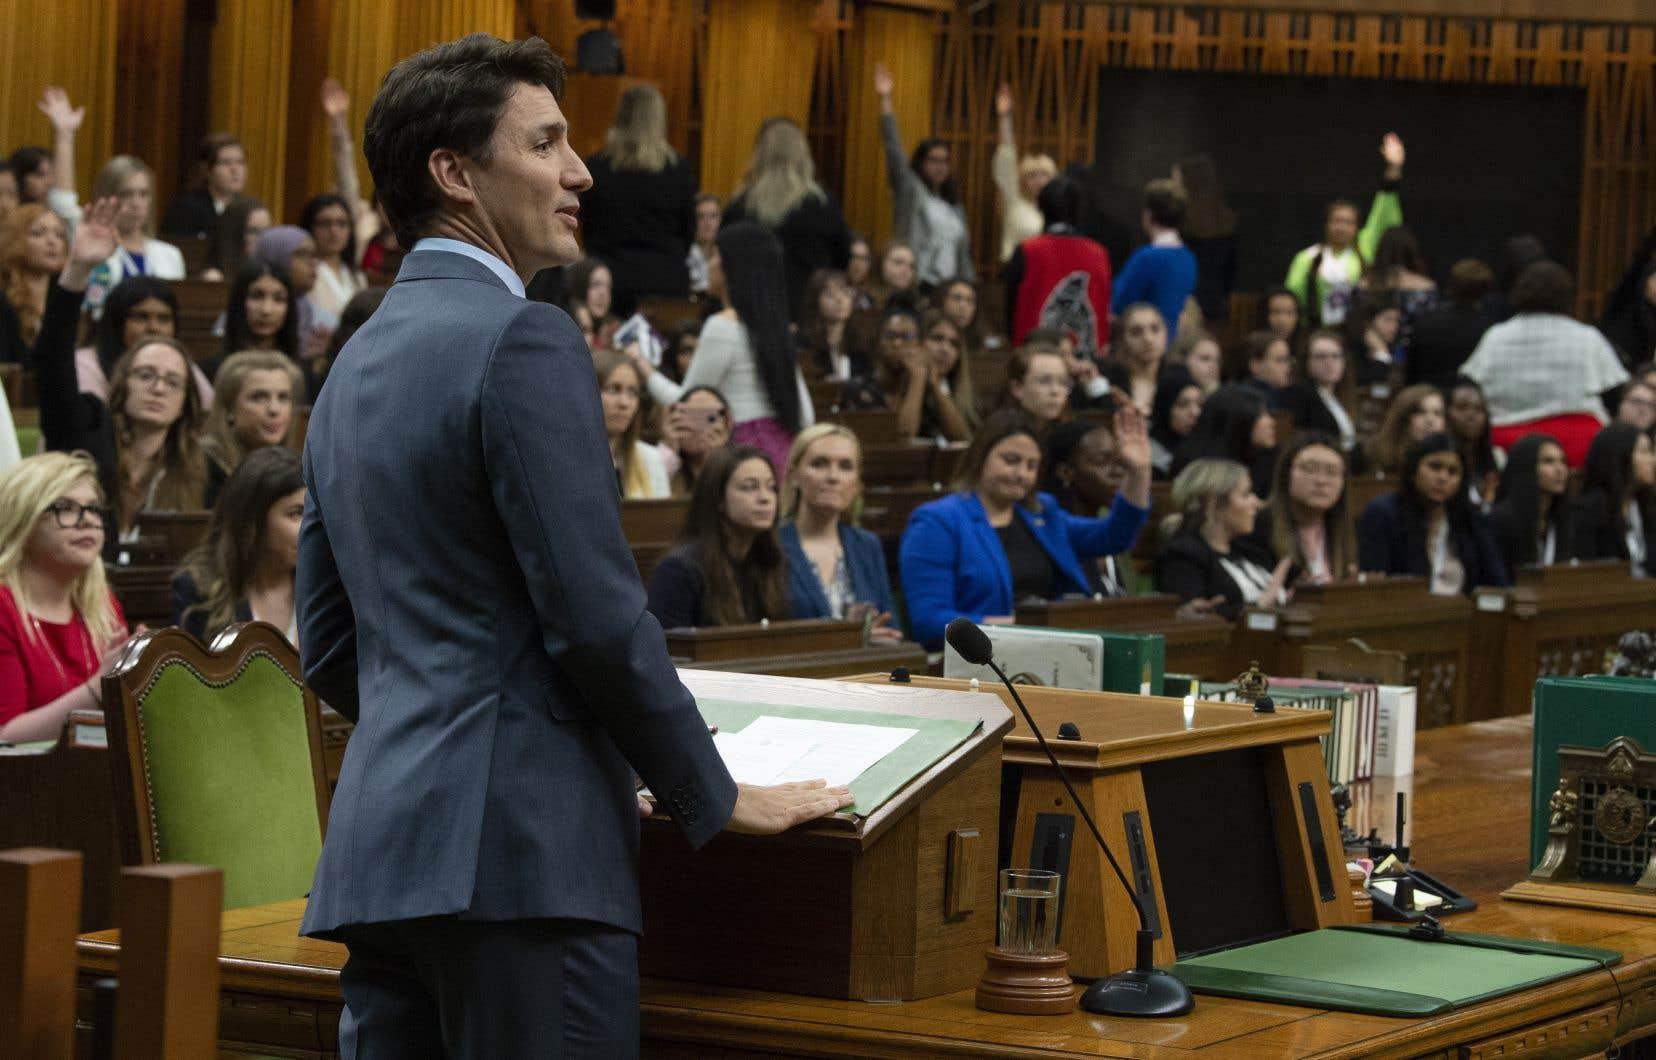 Le premier ministre a livré un discours devant les «héritières du suffrage», dont certaines lui ont tourné le dos.